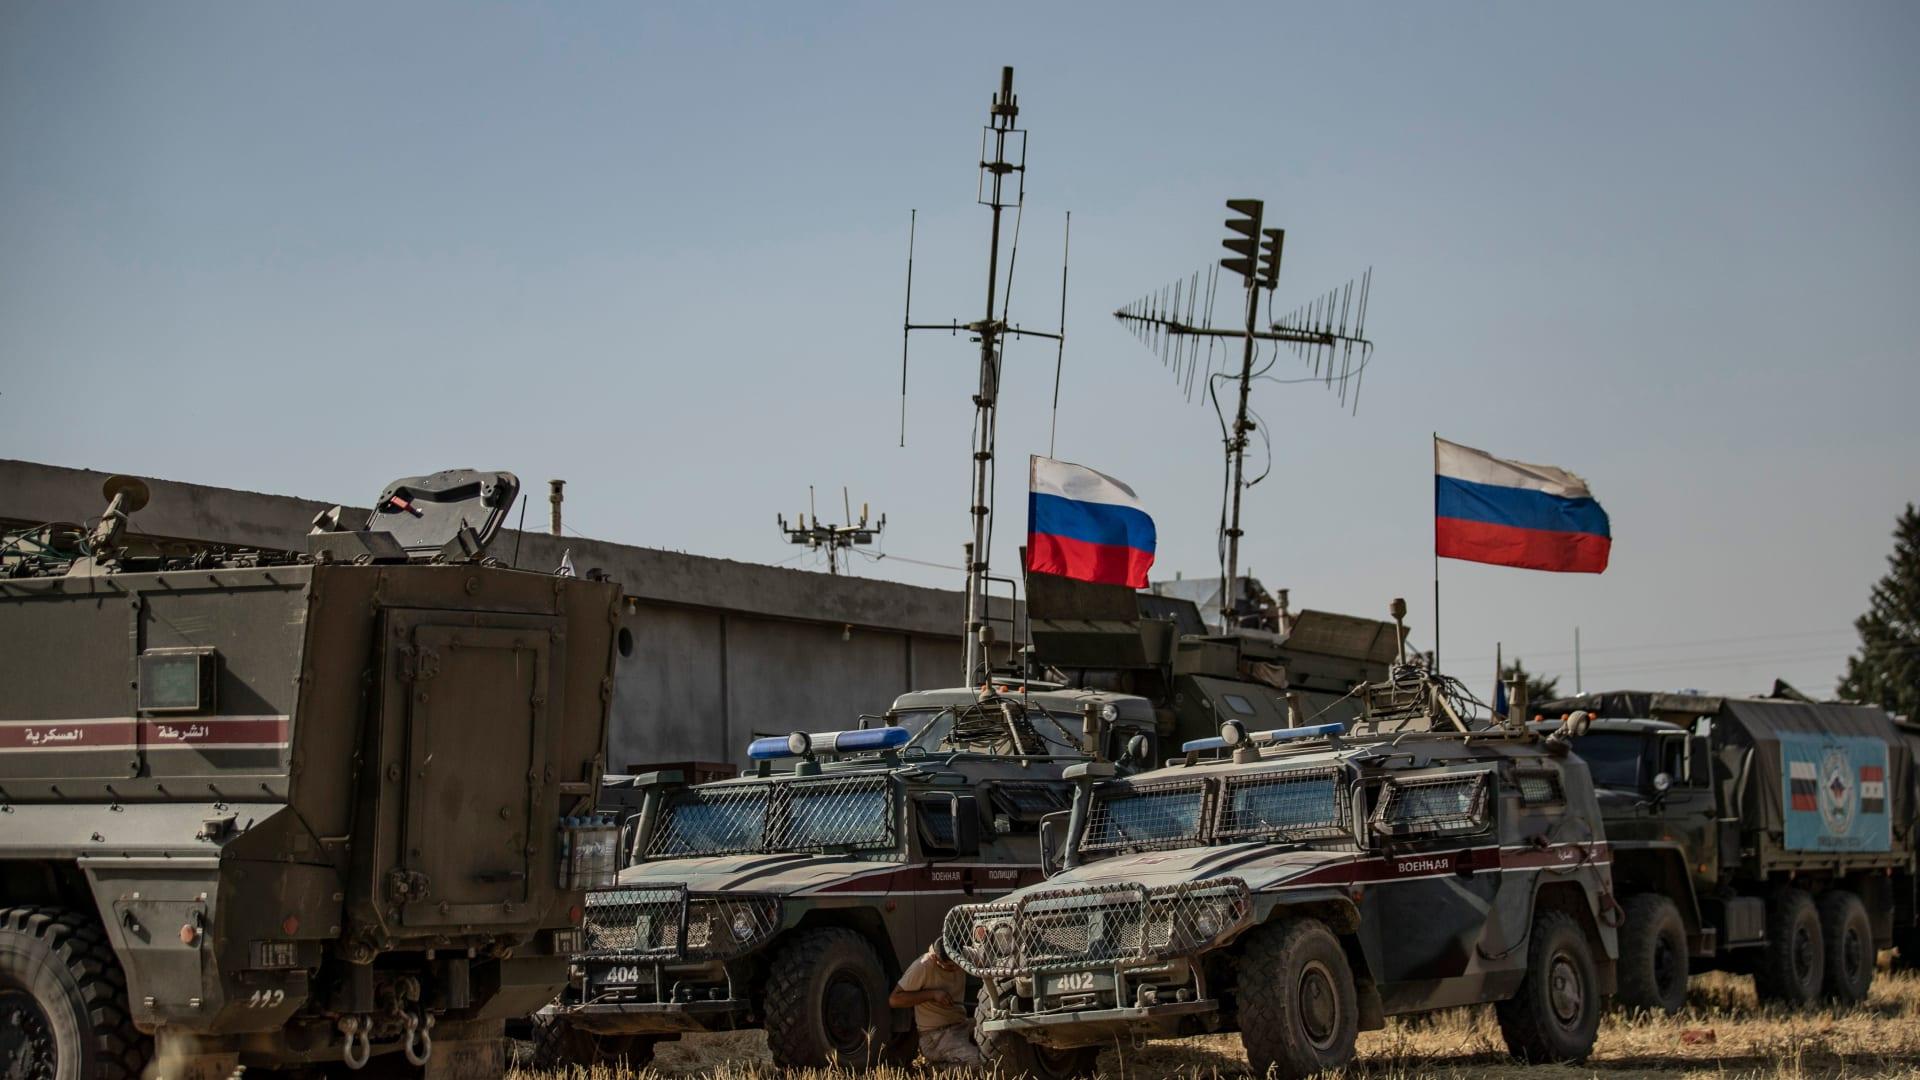 بالفيديو.. مواجهات عسكرية أمريكية روسية في شمال سوريا